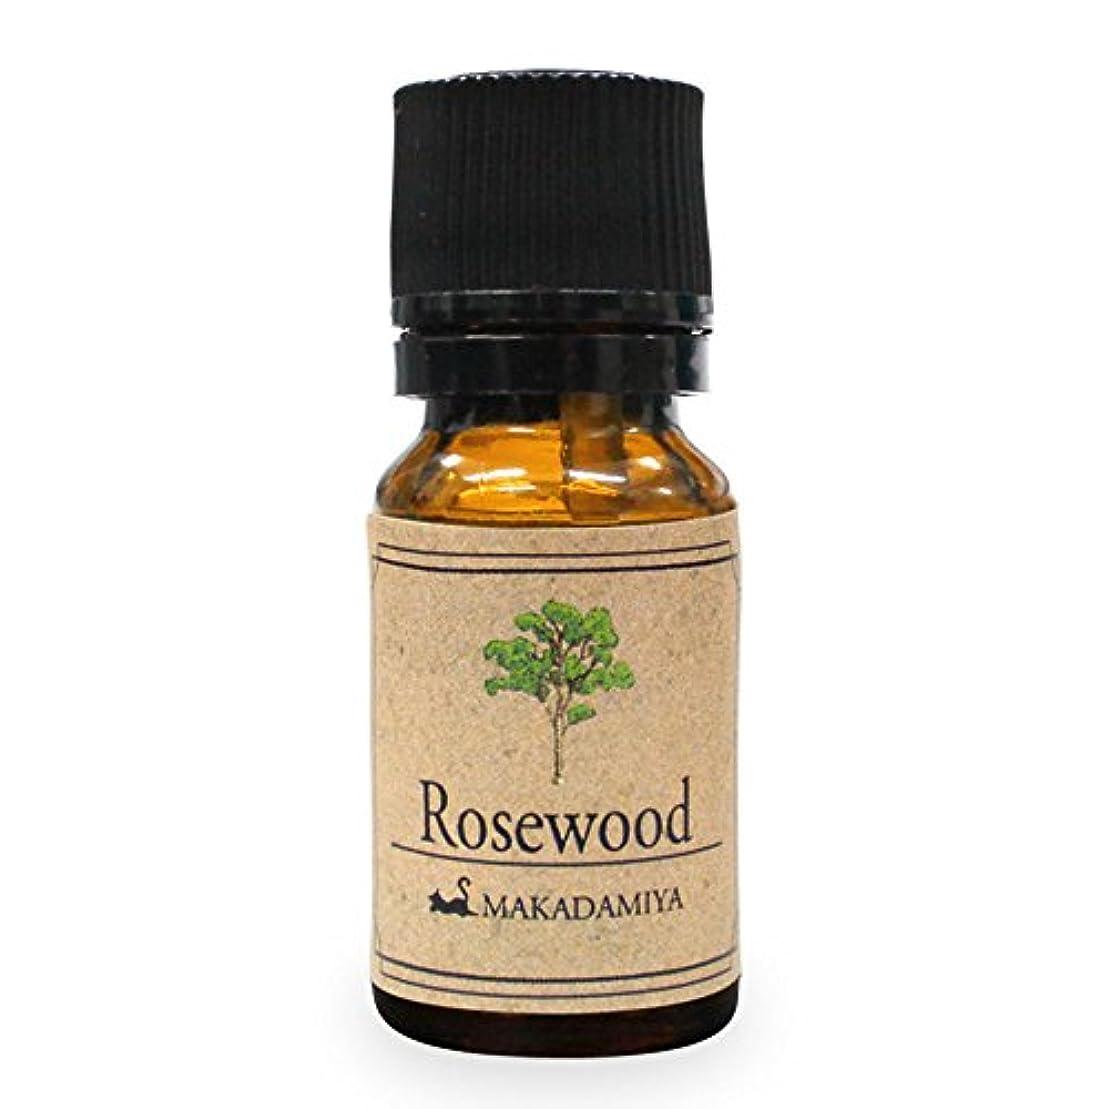 教育者暗唱する財布ローズウッド10ml 天然100%植物性 エッセンシャルオイル(精油) アロマオイル アロママッサージ aroma Rosewood